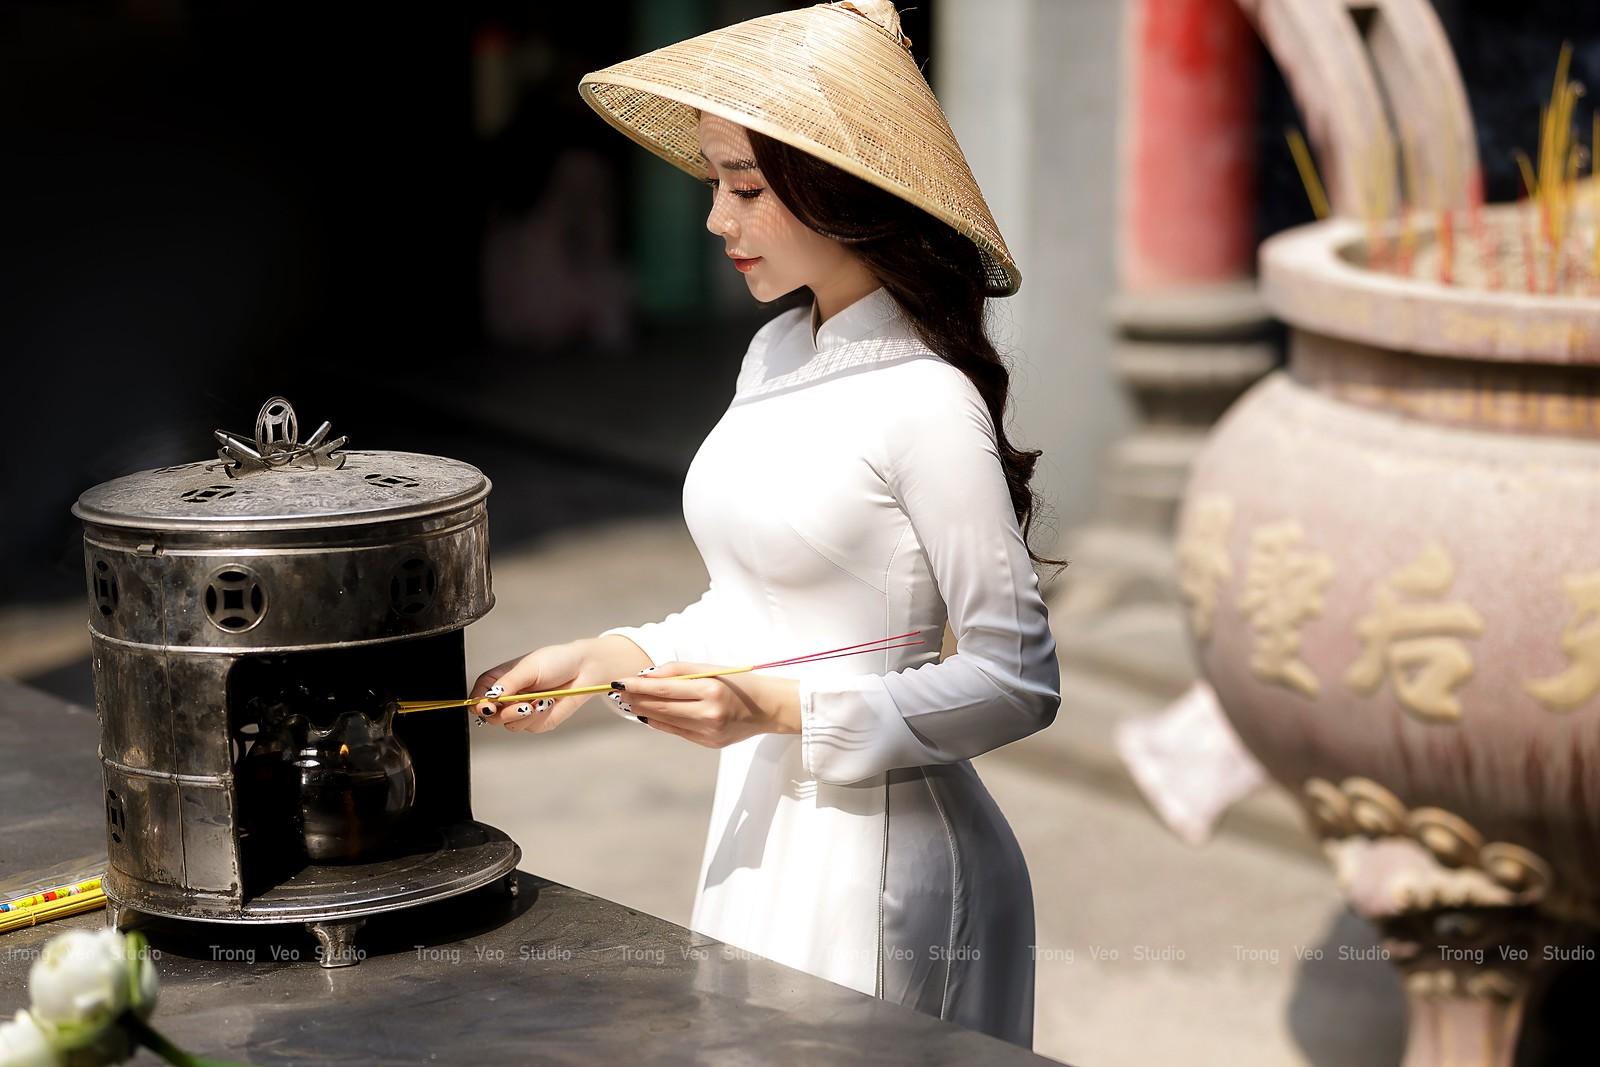 Ngắm hot girl Lục Anh xinh đẹp như hoa không sao tả xiết trong tà áo dài truyền thống - 22